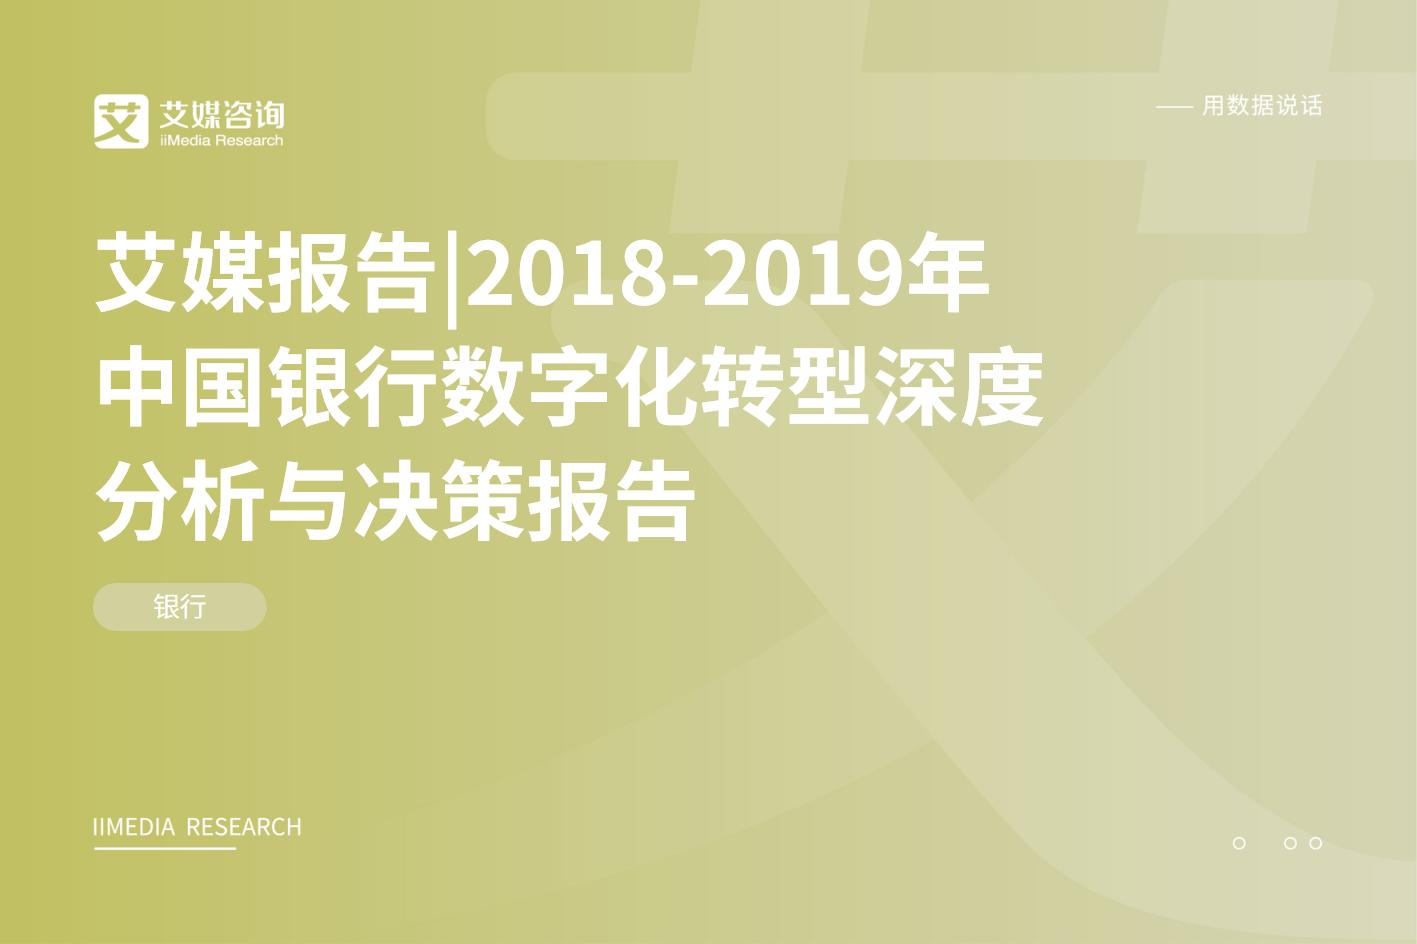 艾媒报告 |2018-2019年中国银行数字化转型深度分析与决策报告